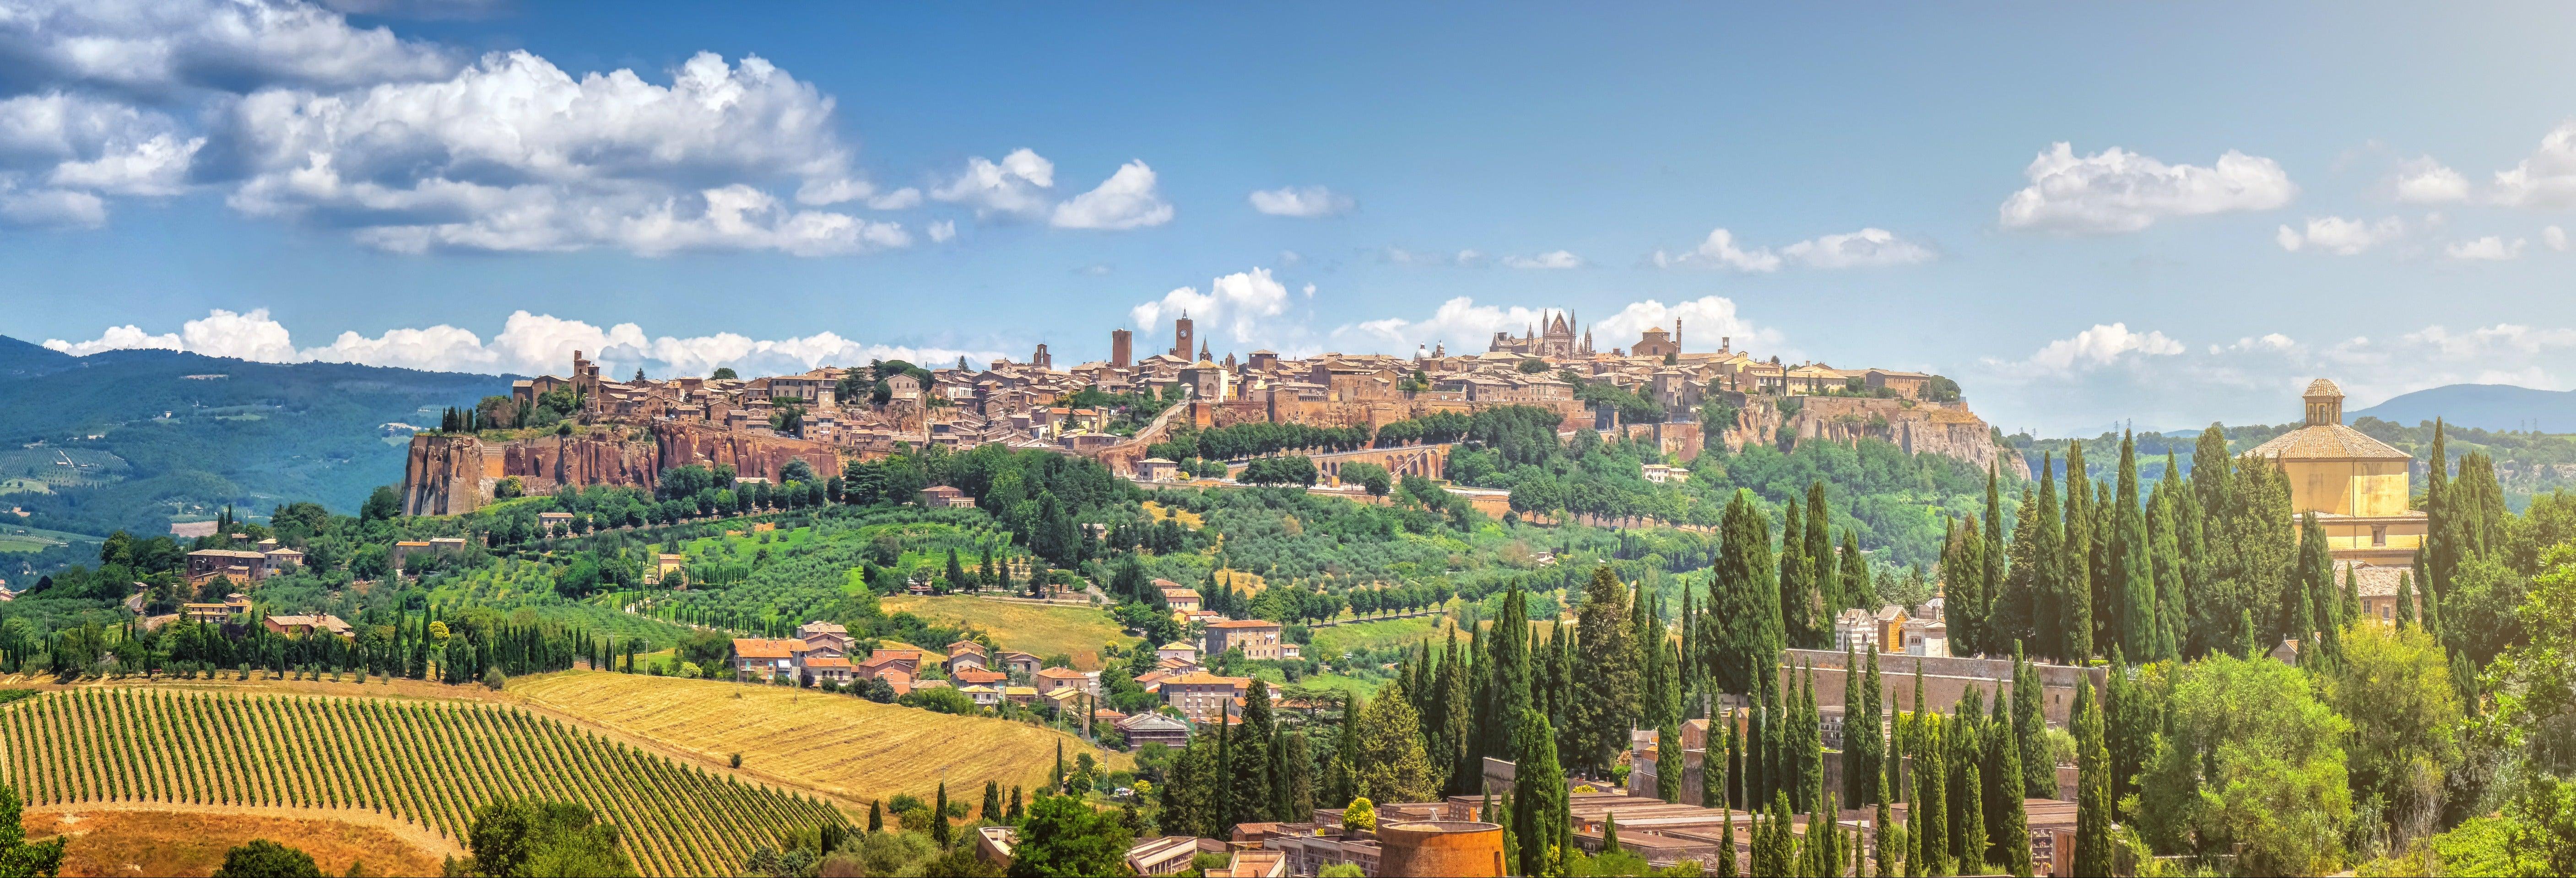 Excursión a Orvieto y Asís